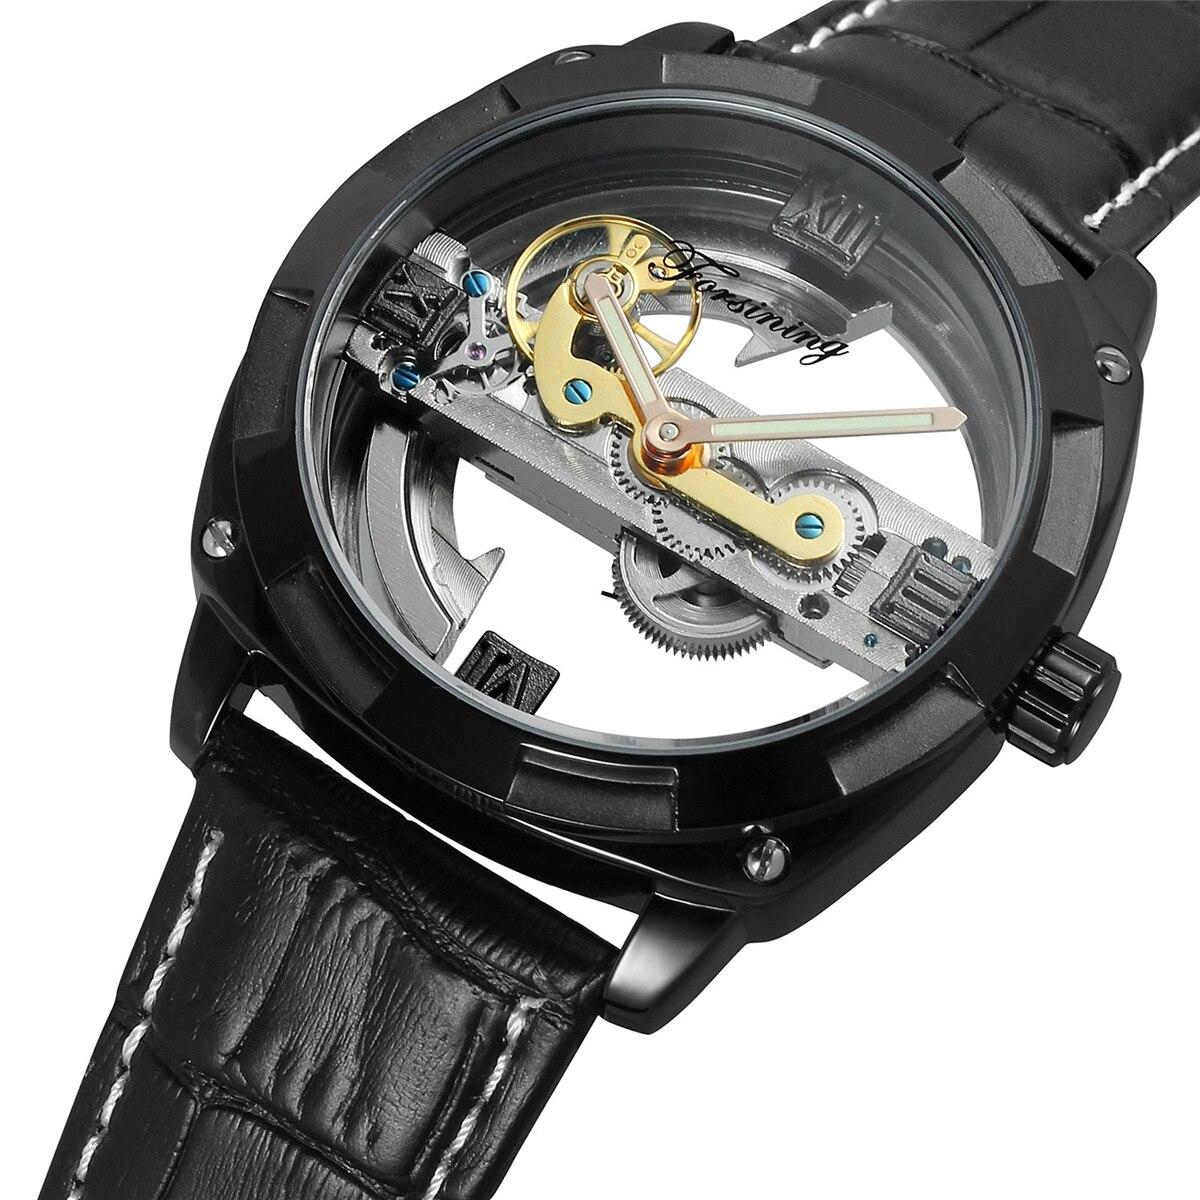 aac1831448b Forsining Marca de Luxo Homens Relógio Mecânico de Esqueleto do Ouro  Transparente Relógio Automático Relógios Dos Homens Relógio de Pulso de  Couro Preto ...